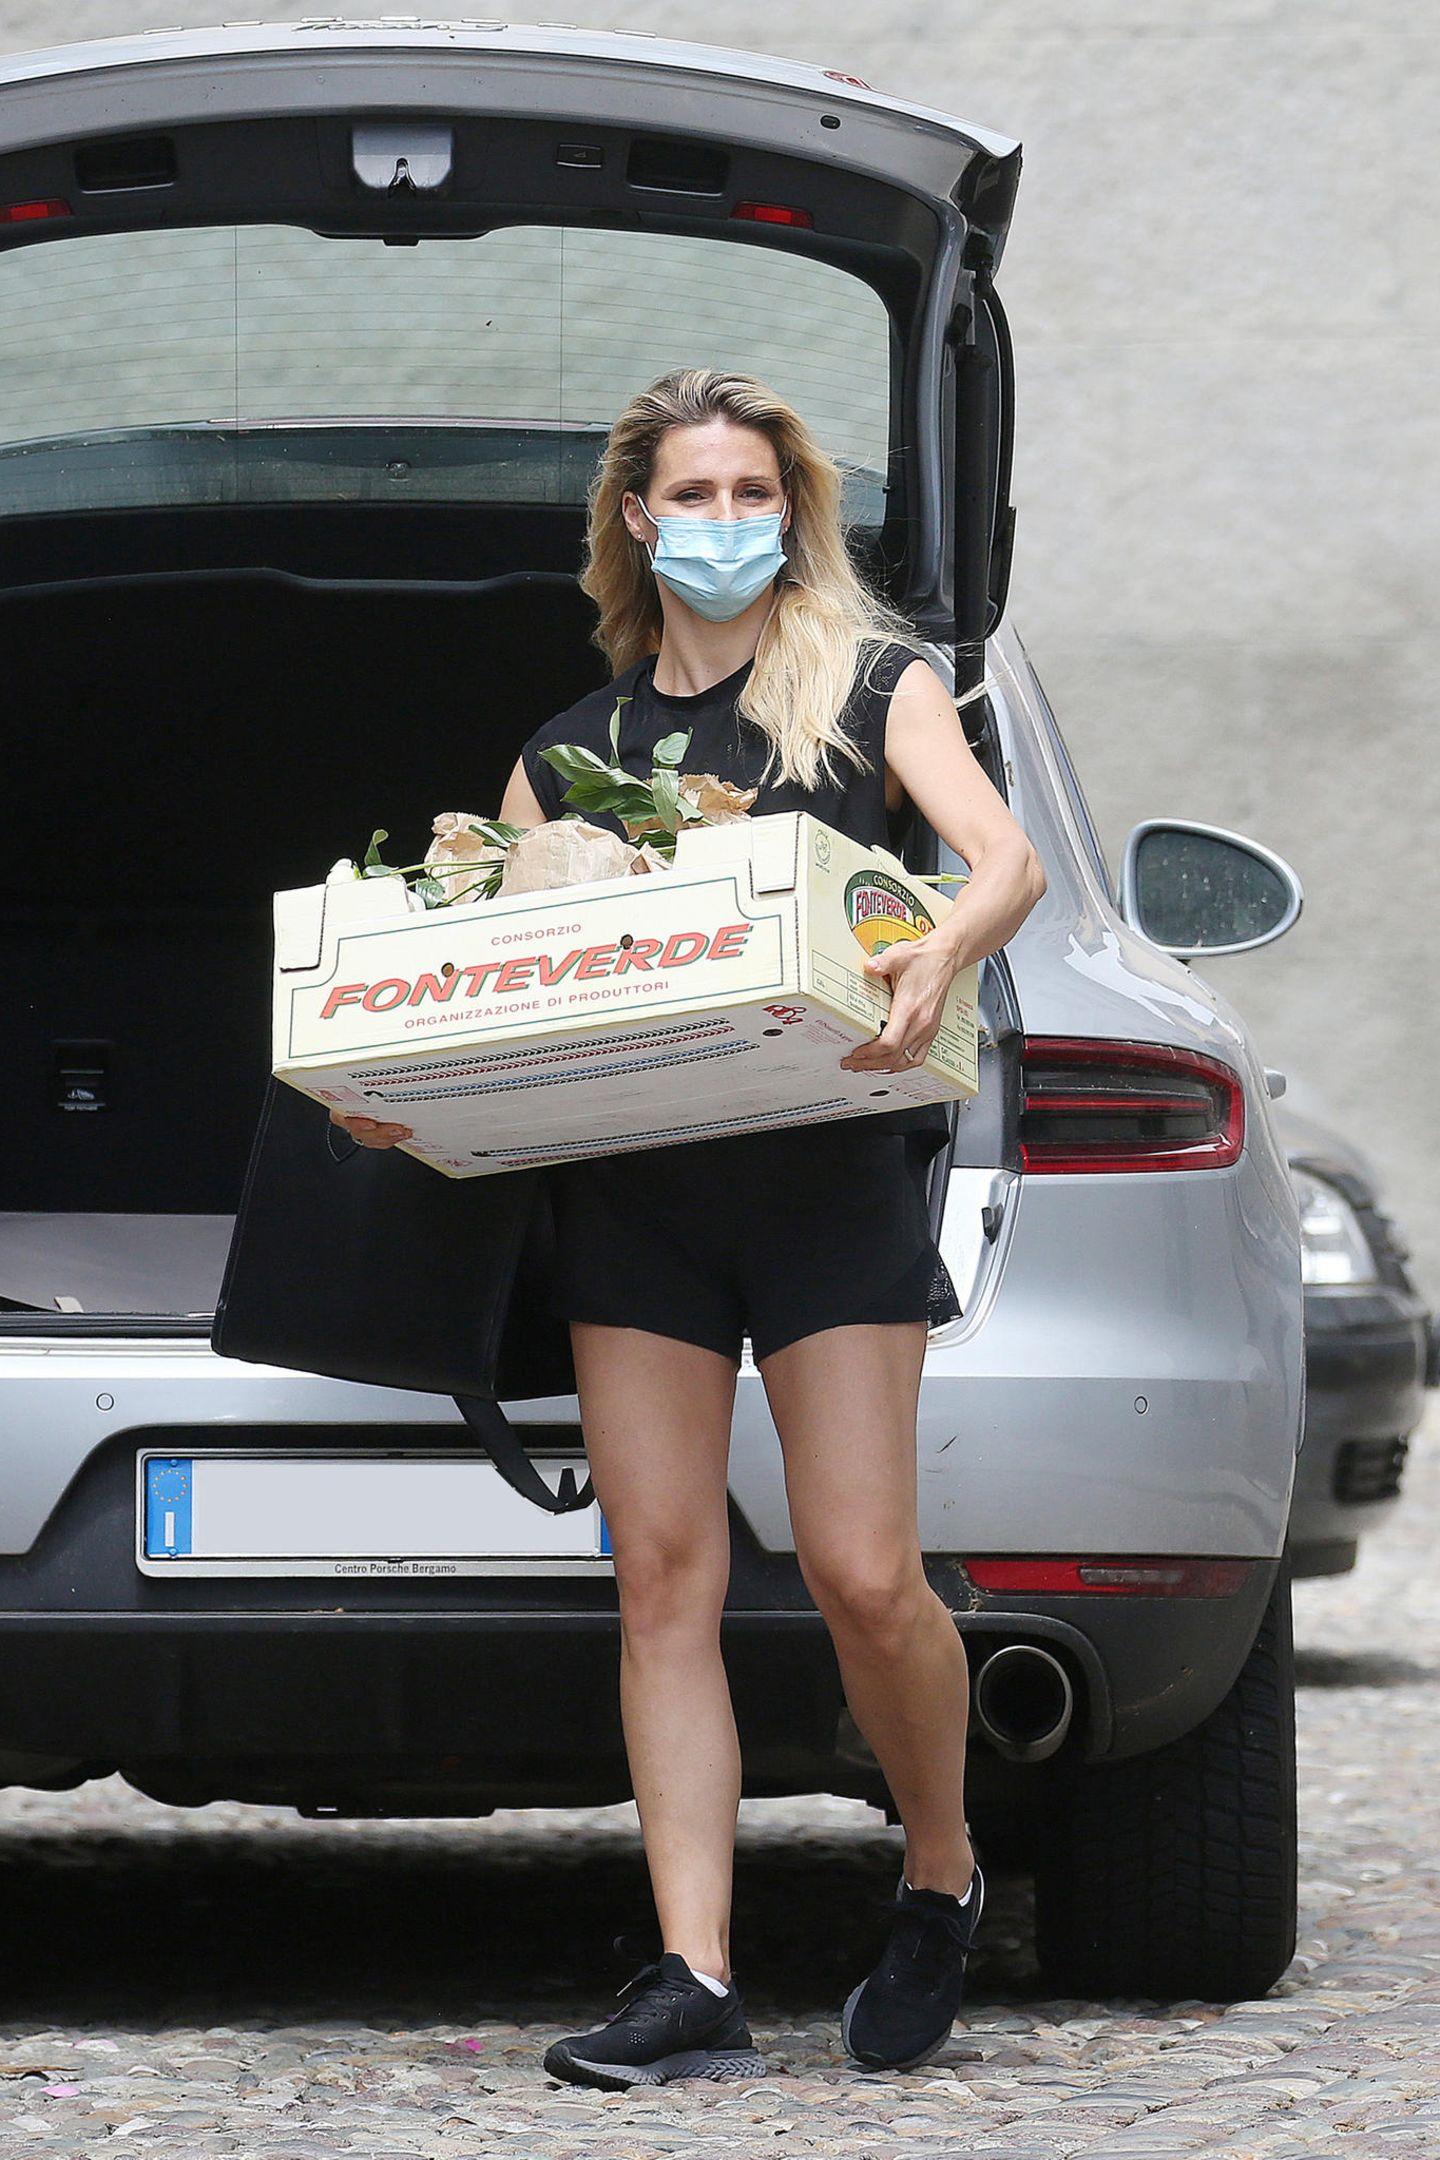 Das nennt man Arbeitsteilung. Während sich Tomaso Trussardi um die Kinder kümmert, nutzt Michelle Hunziker die Zeit und kauft beim Gemüsehändler ihres Vertrauens in Bergamo ein. Was frisch auf den Tisch soll, muss auch frisch gekauft werden!Und die Maskenpflicht hält sie dabei auch vorbildlich ein.